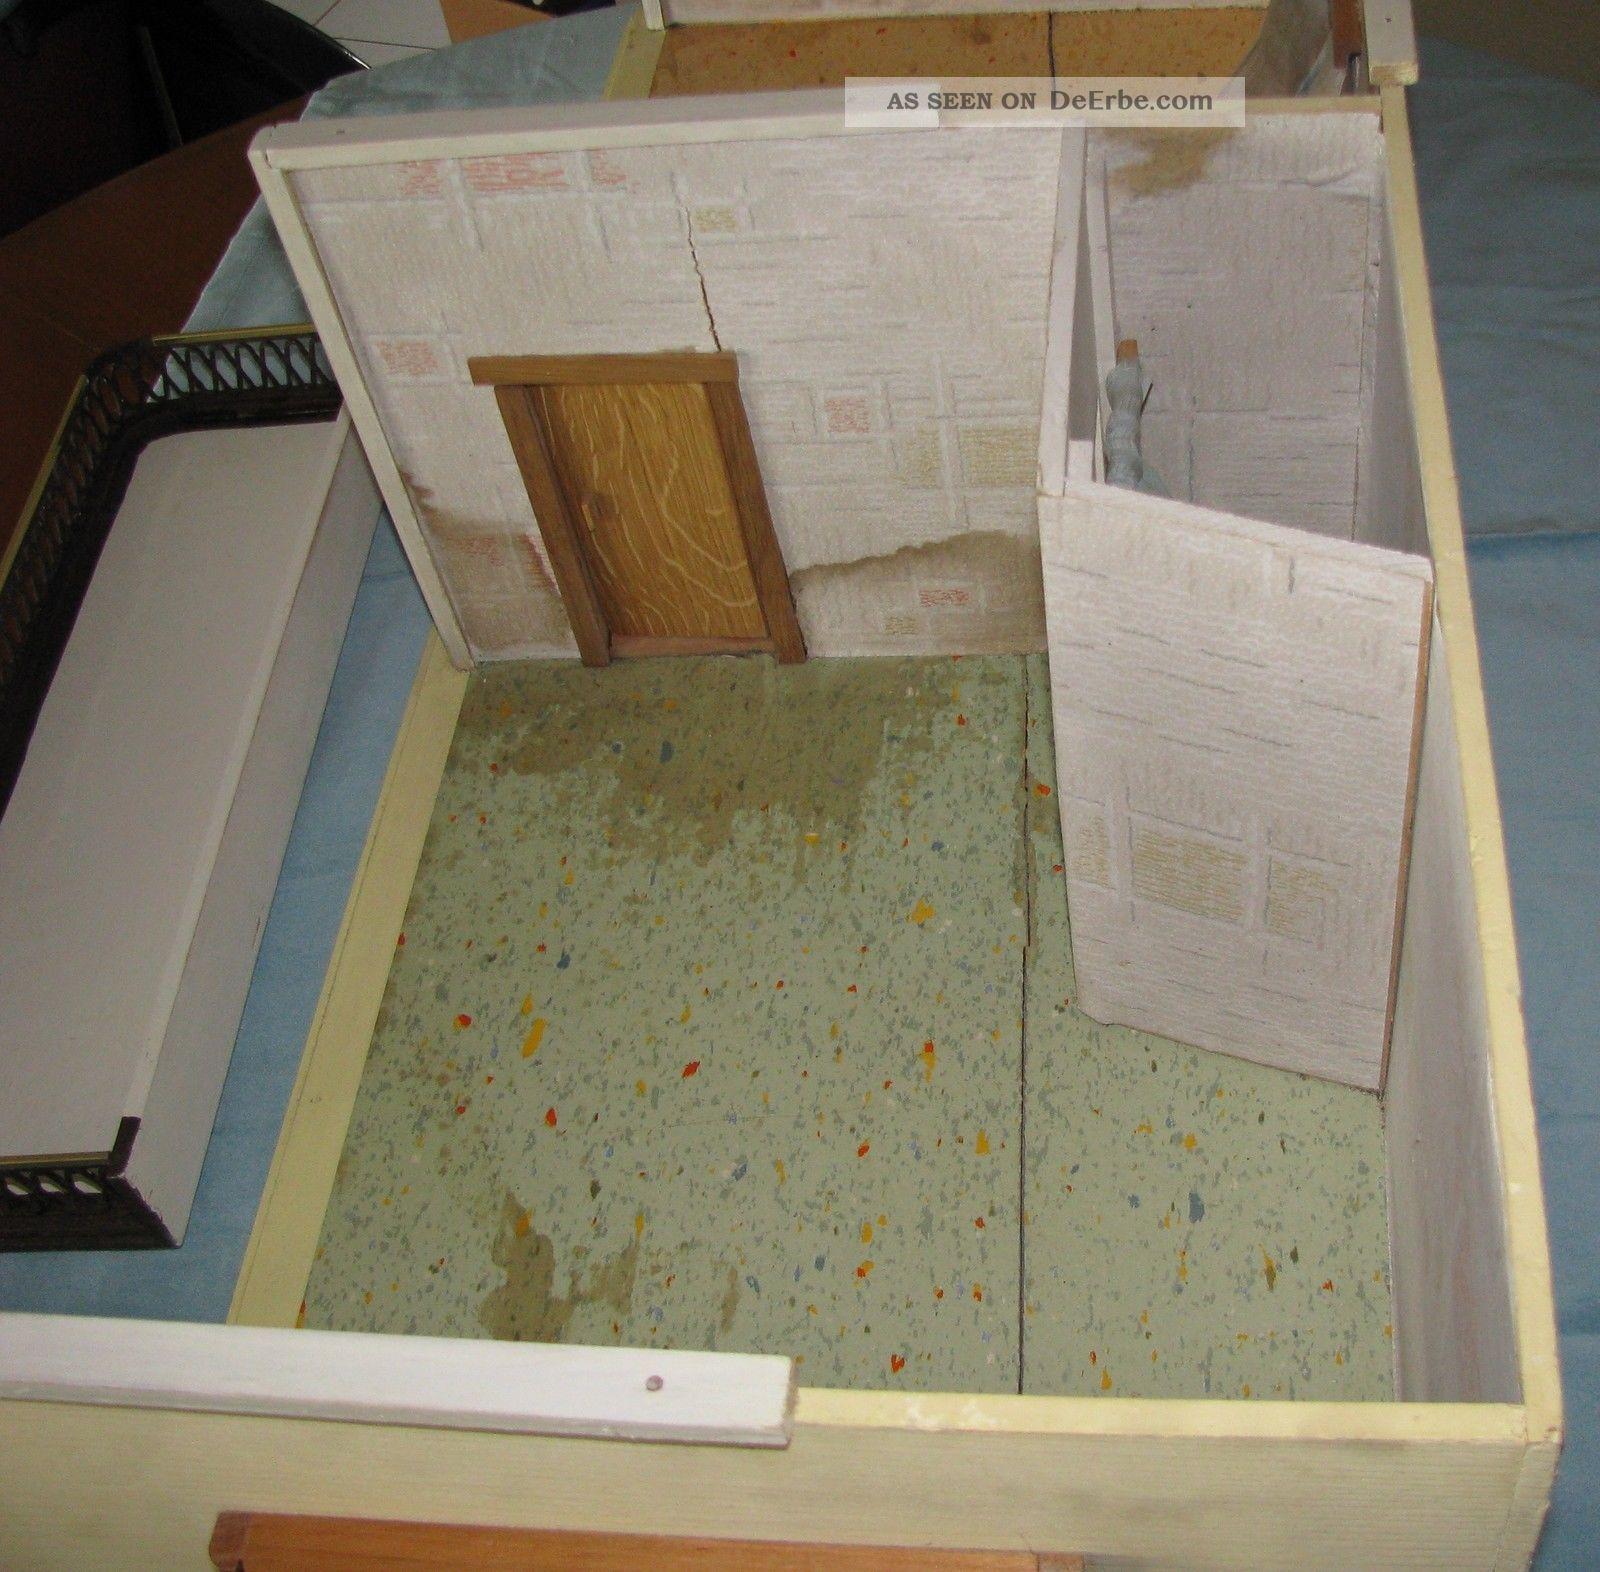 alte puppenstube 2 raum kammer balkon terrasse zum renovieren und einrichten. Black Bedroom Furniture Sets. Home Design Ideas